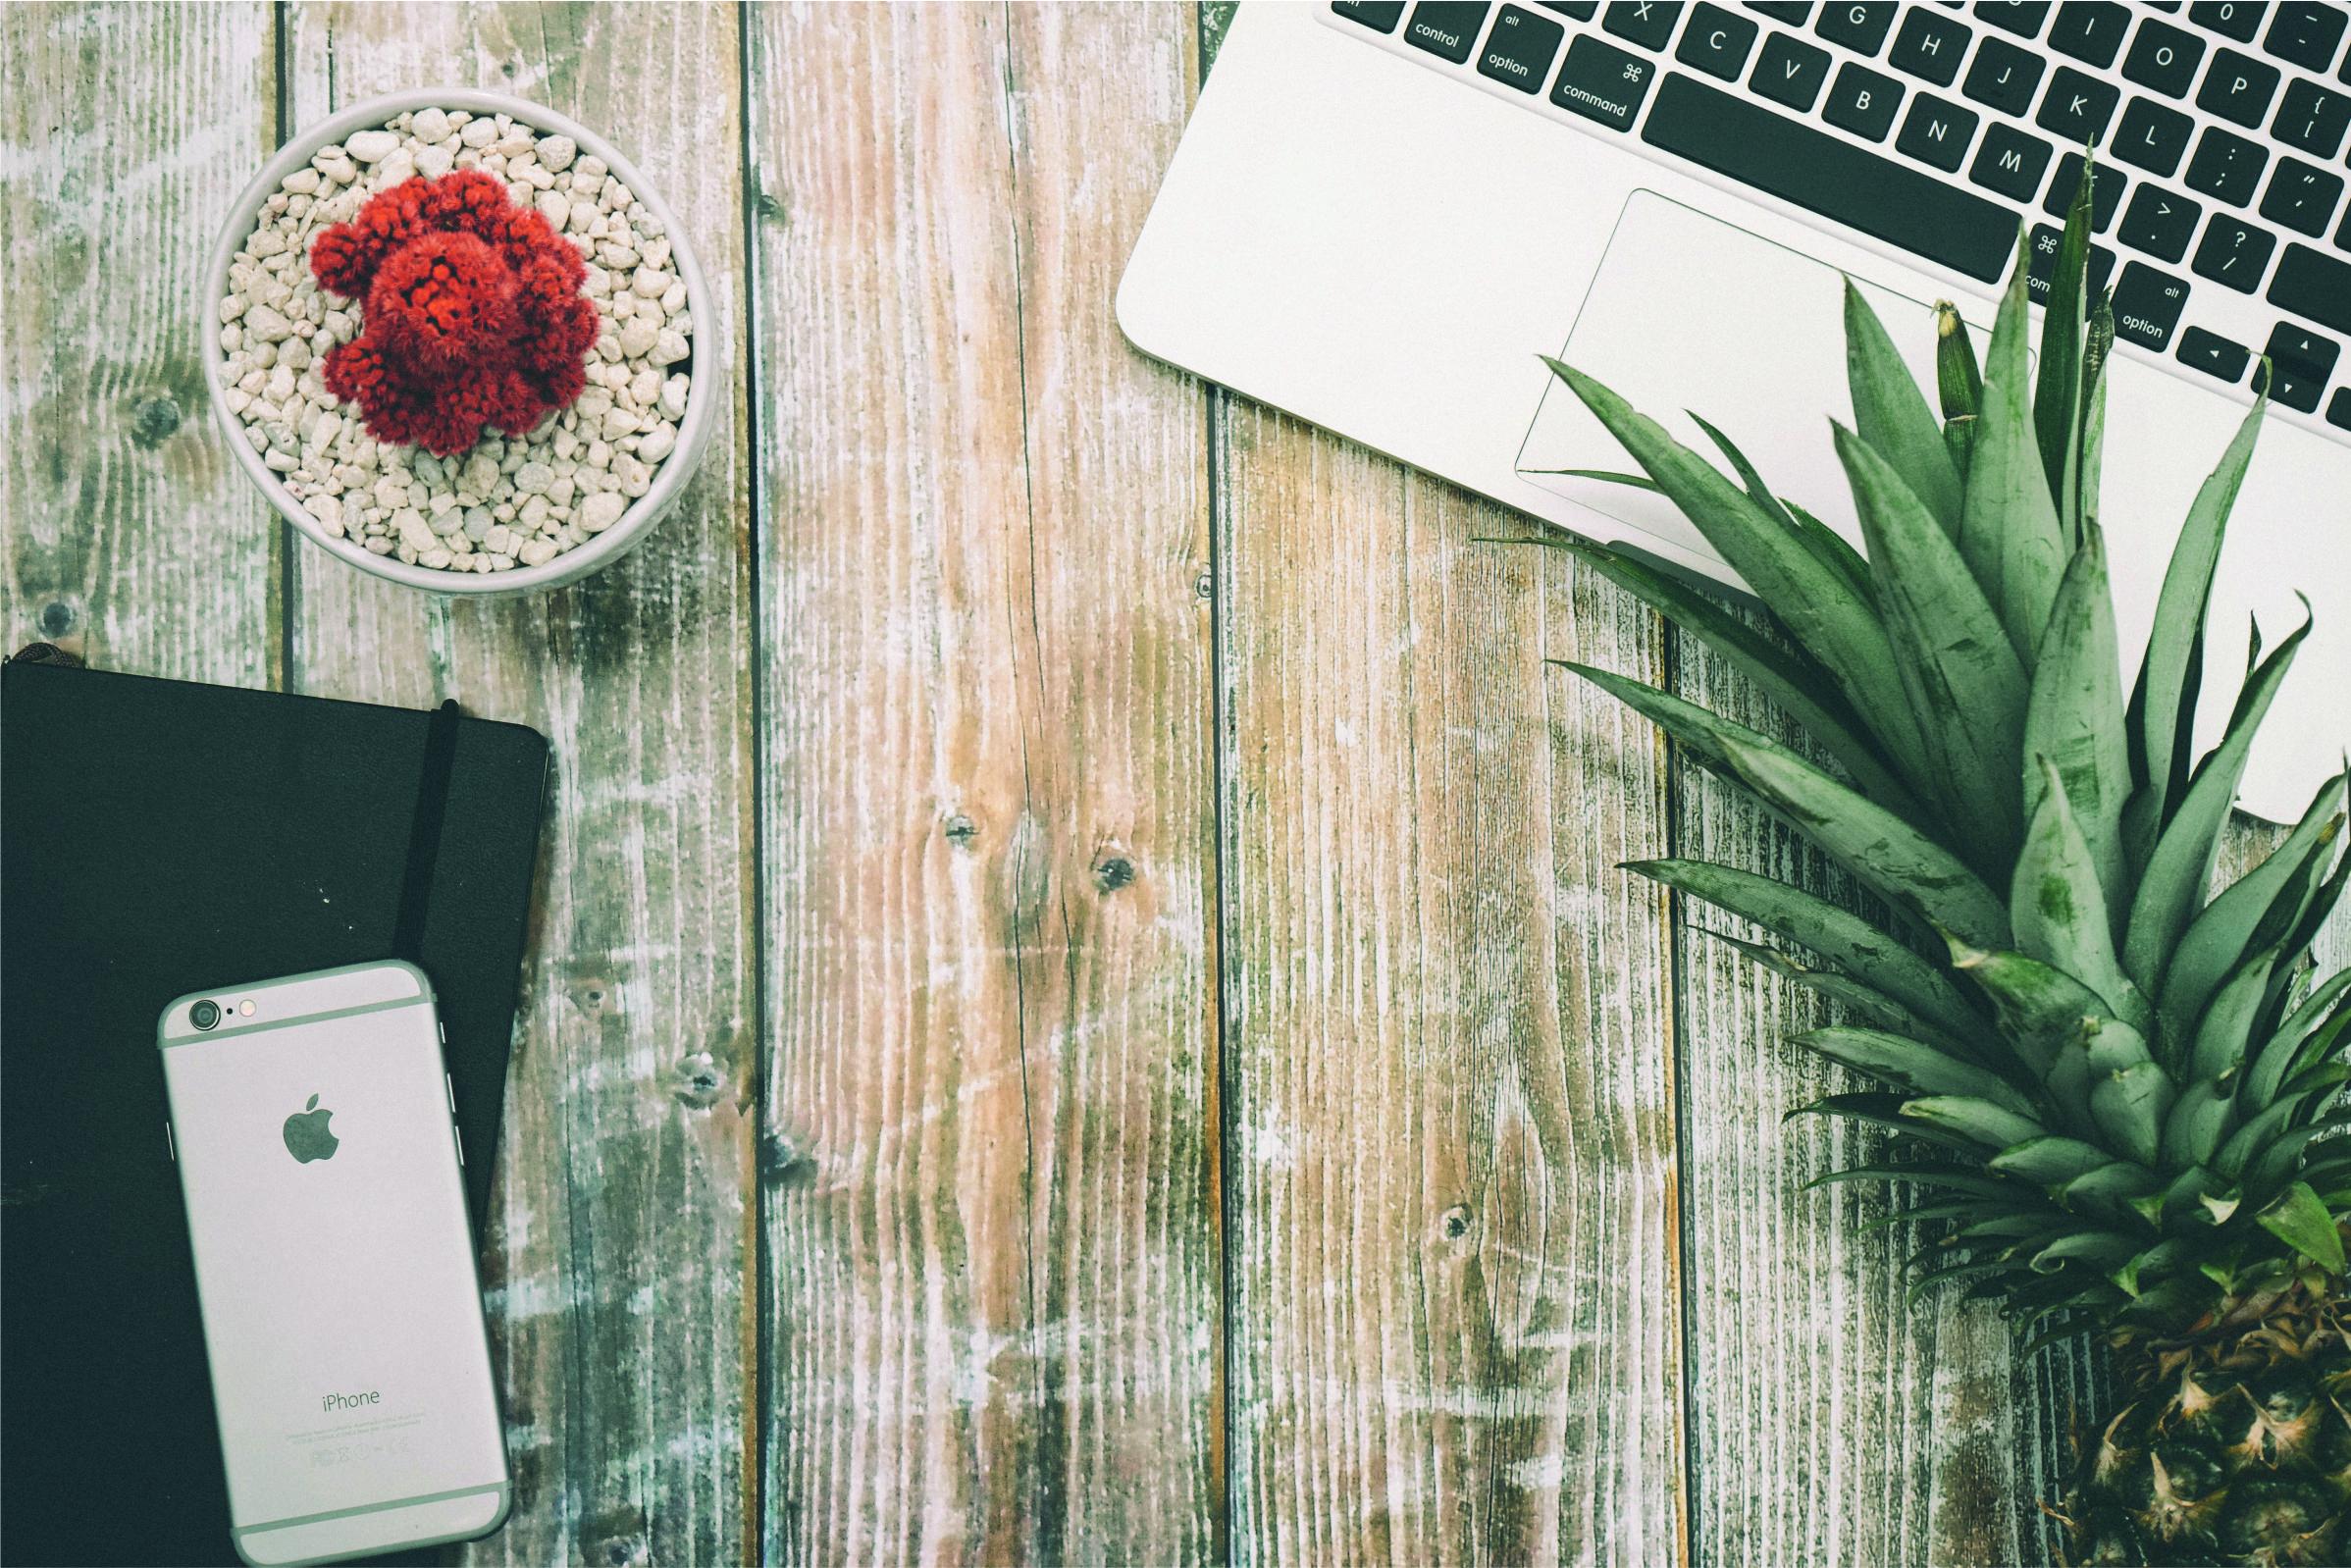 Optymalizacja Magento – szerokie możliwości dla rozwoju sklepu